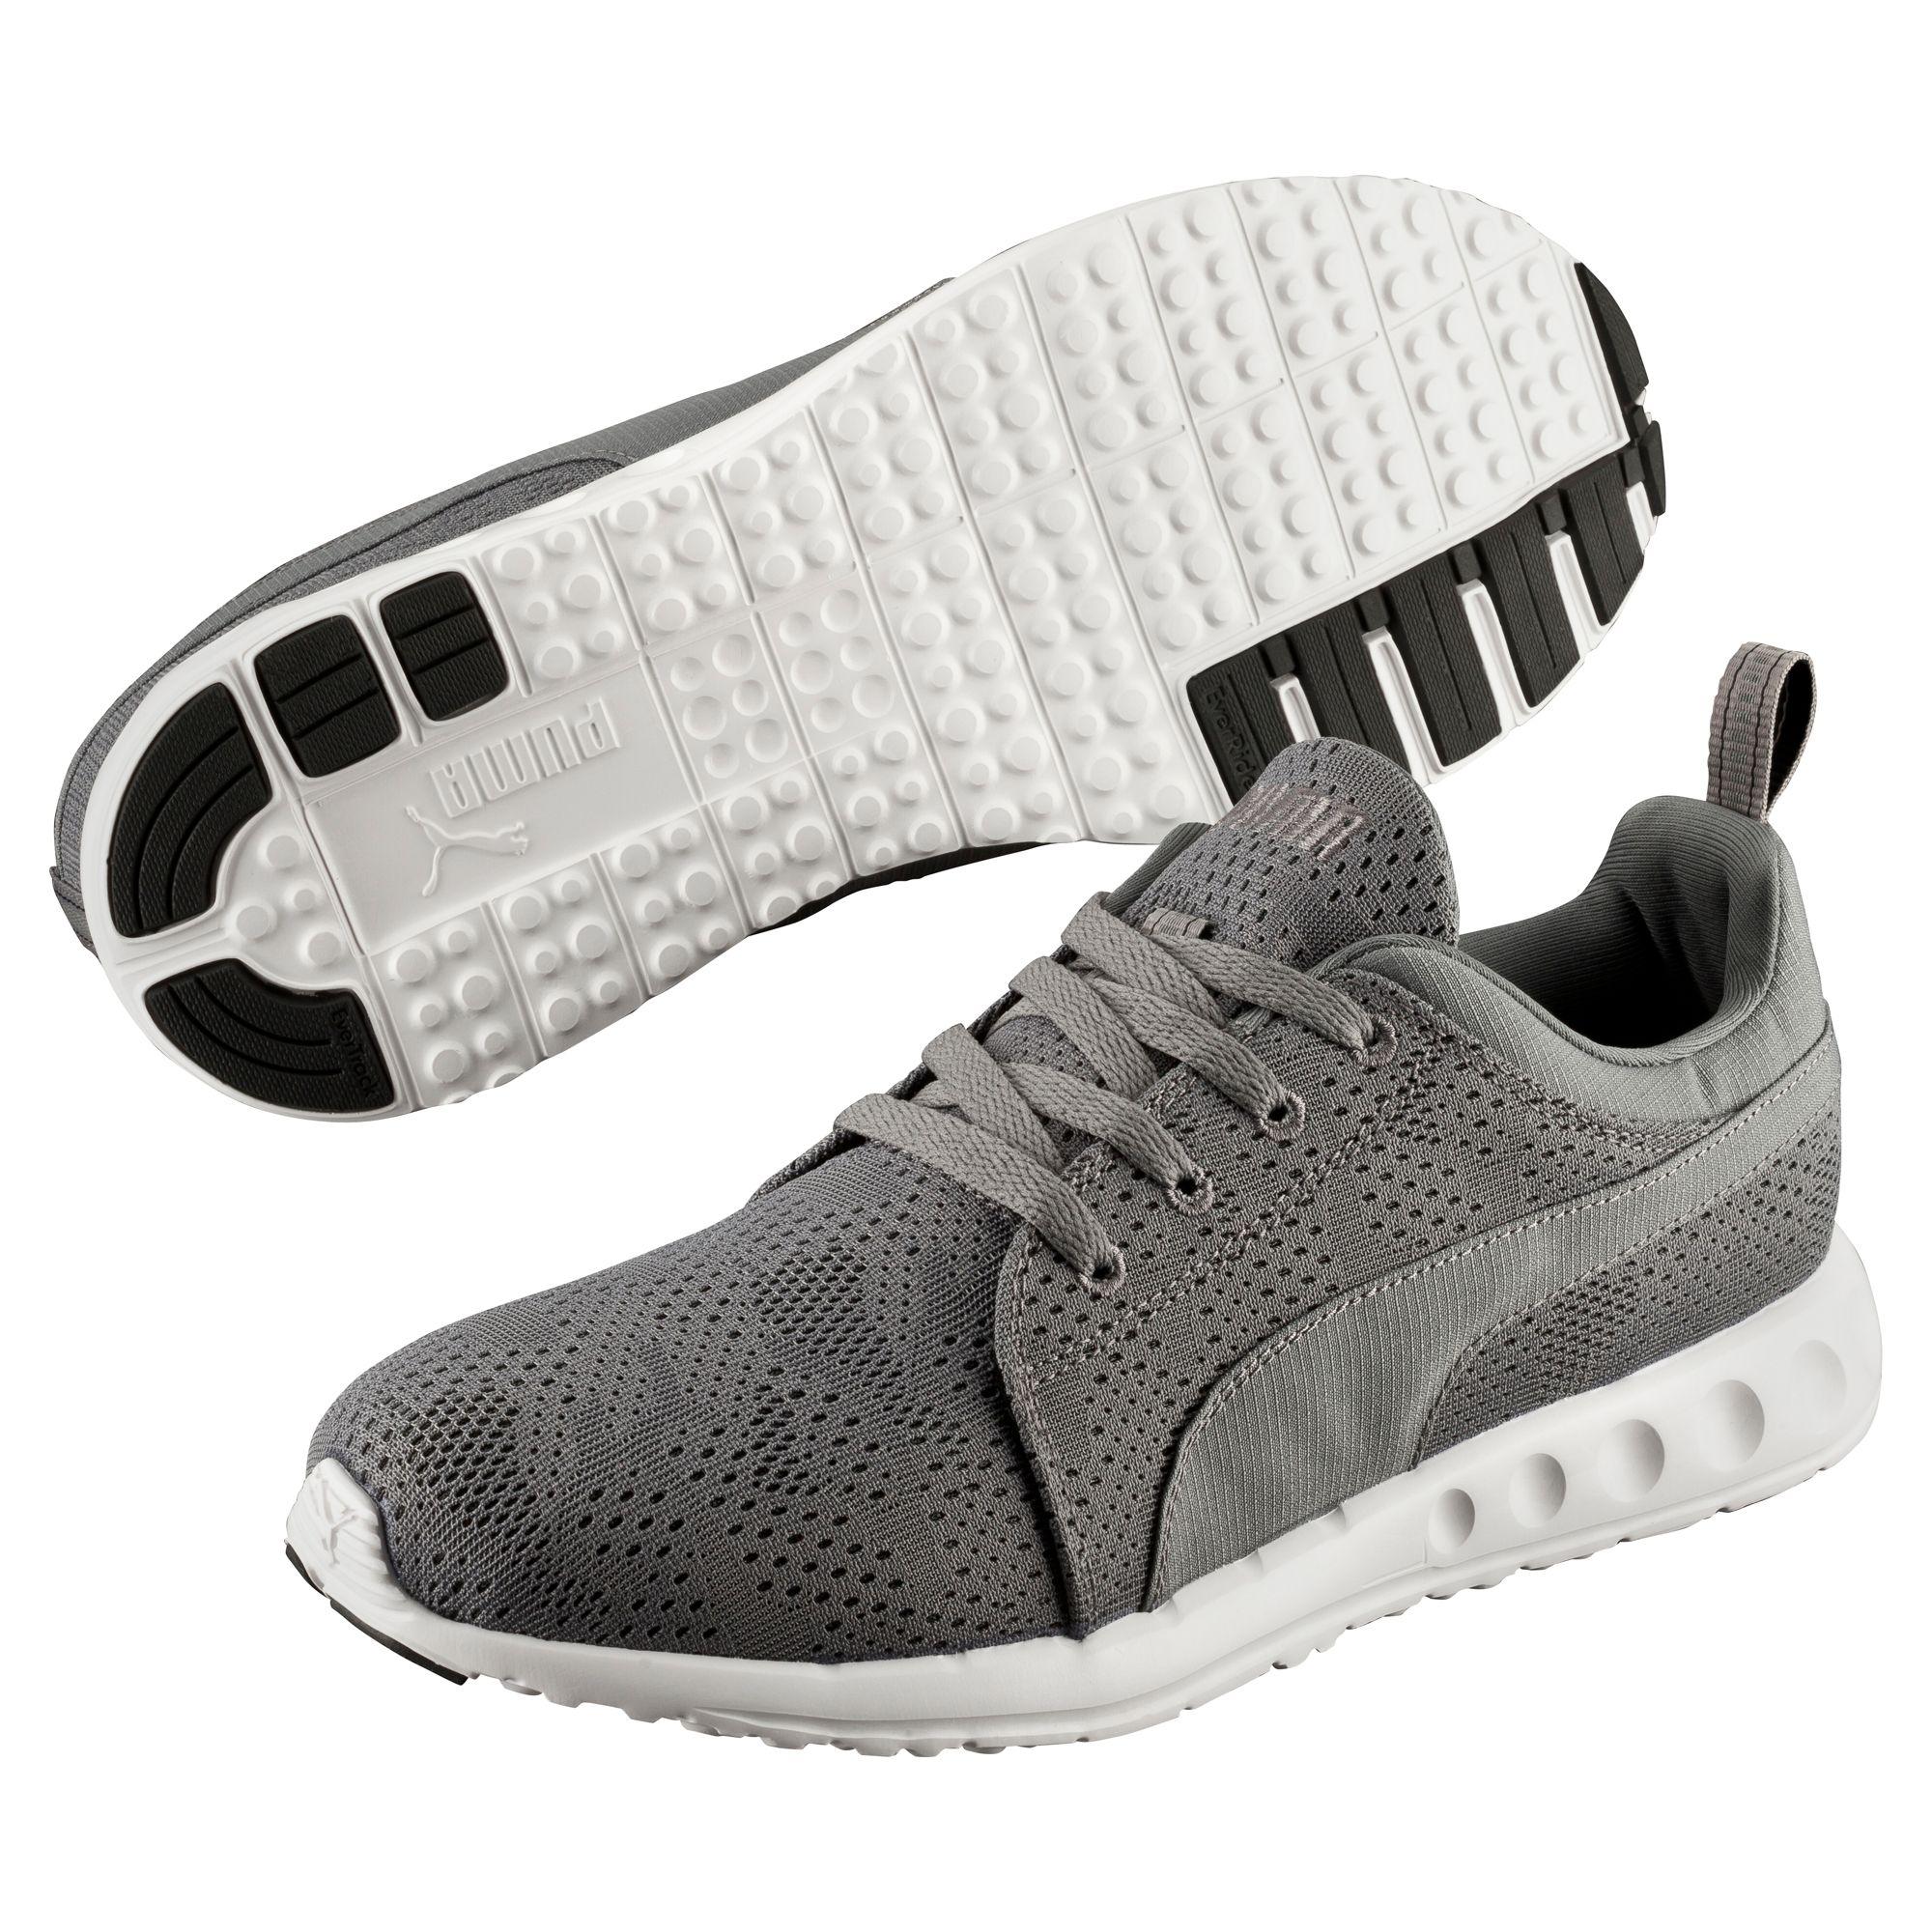 ade9fdceef2179 PUMA Carson Runner Camo Mesh Running Shoes Footwear Neutral Running ...